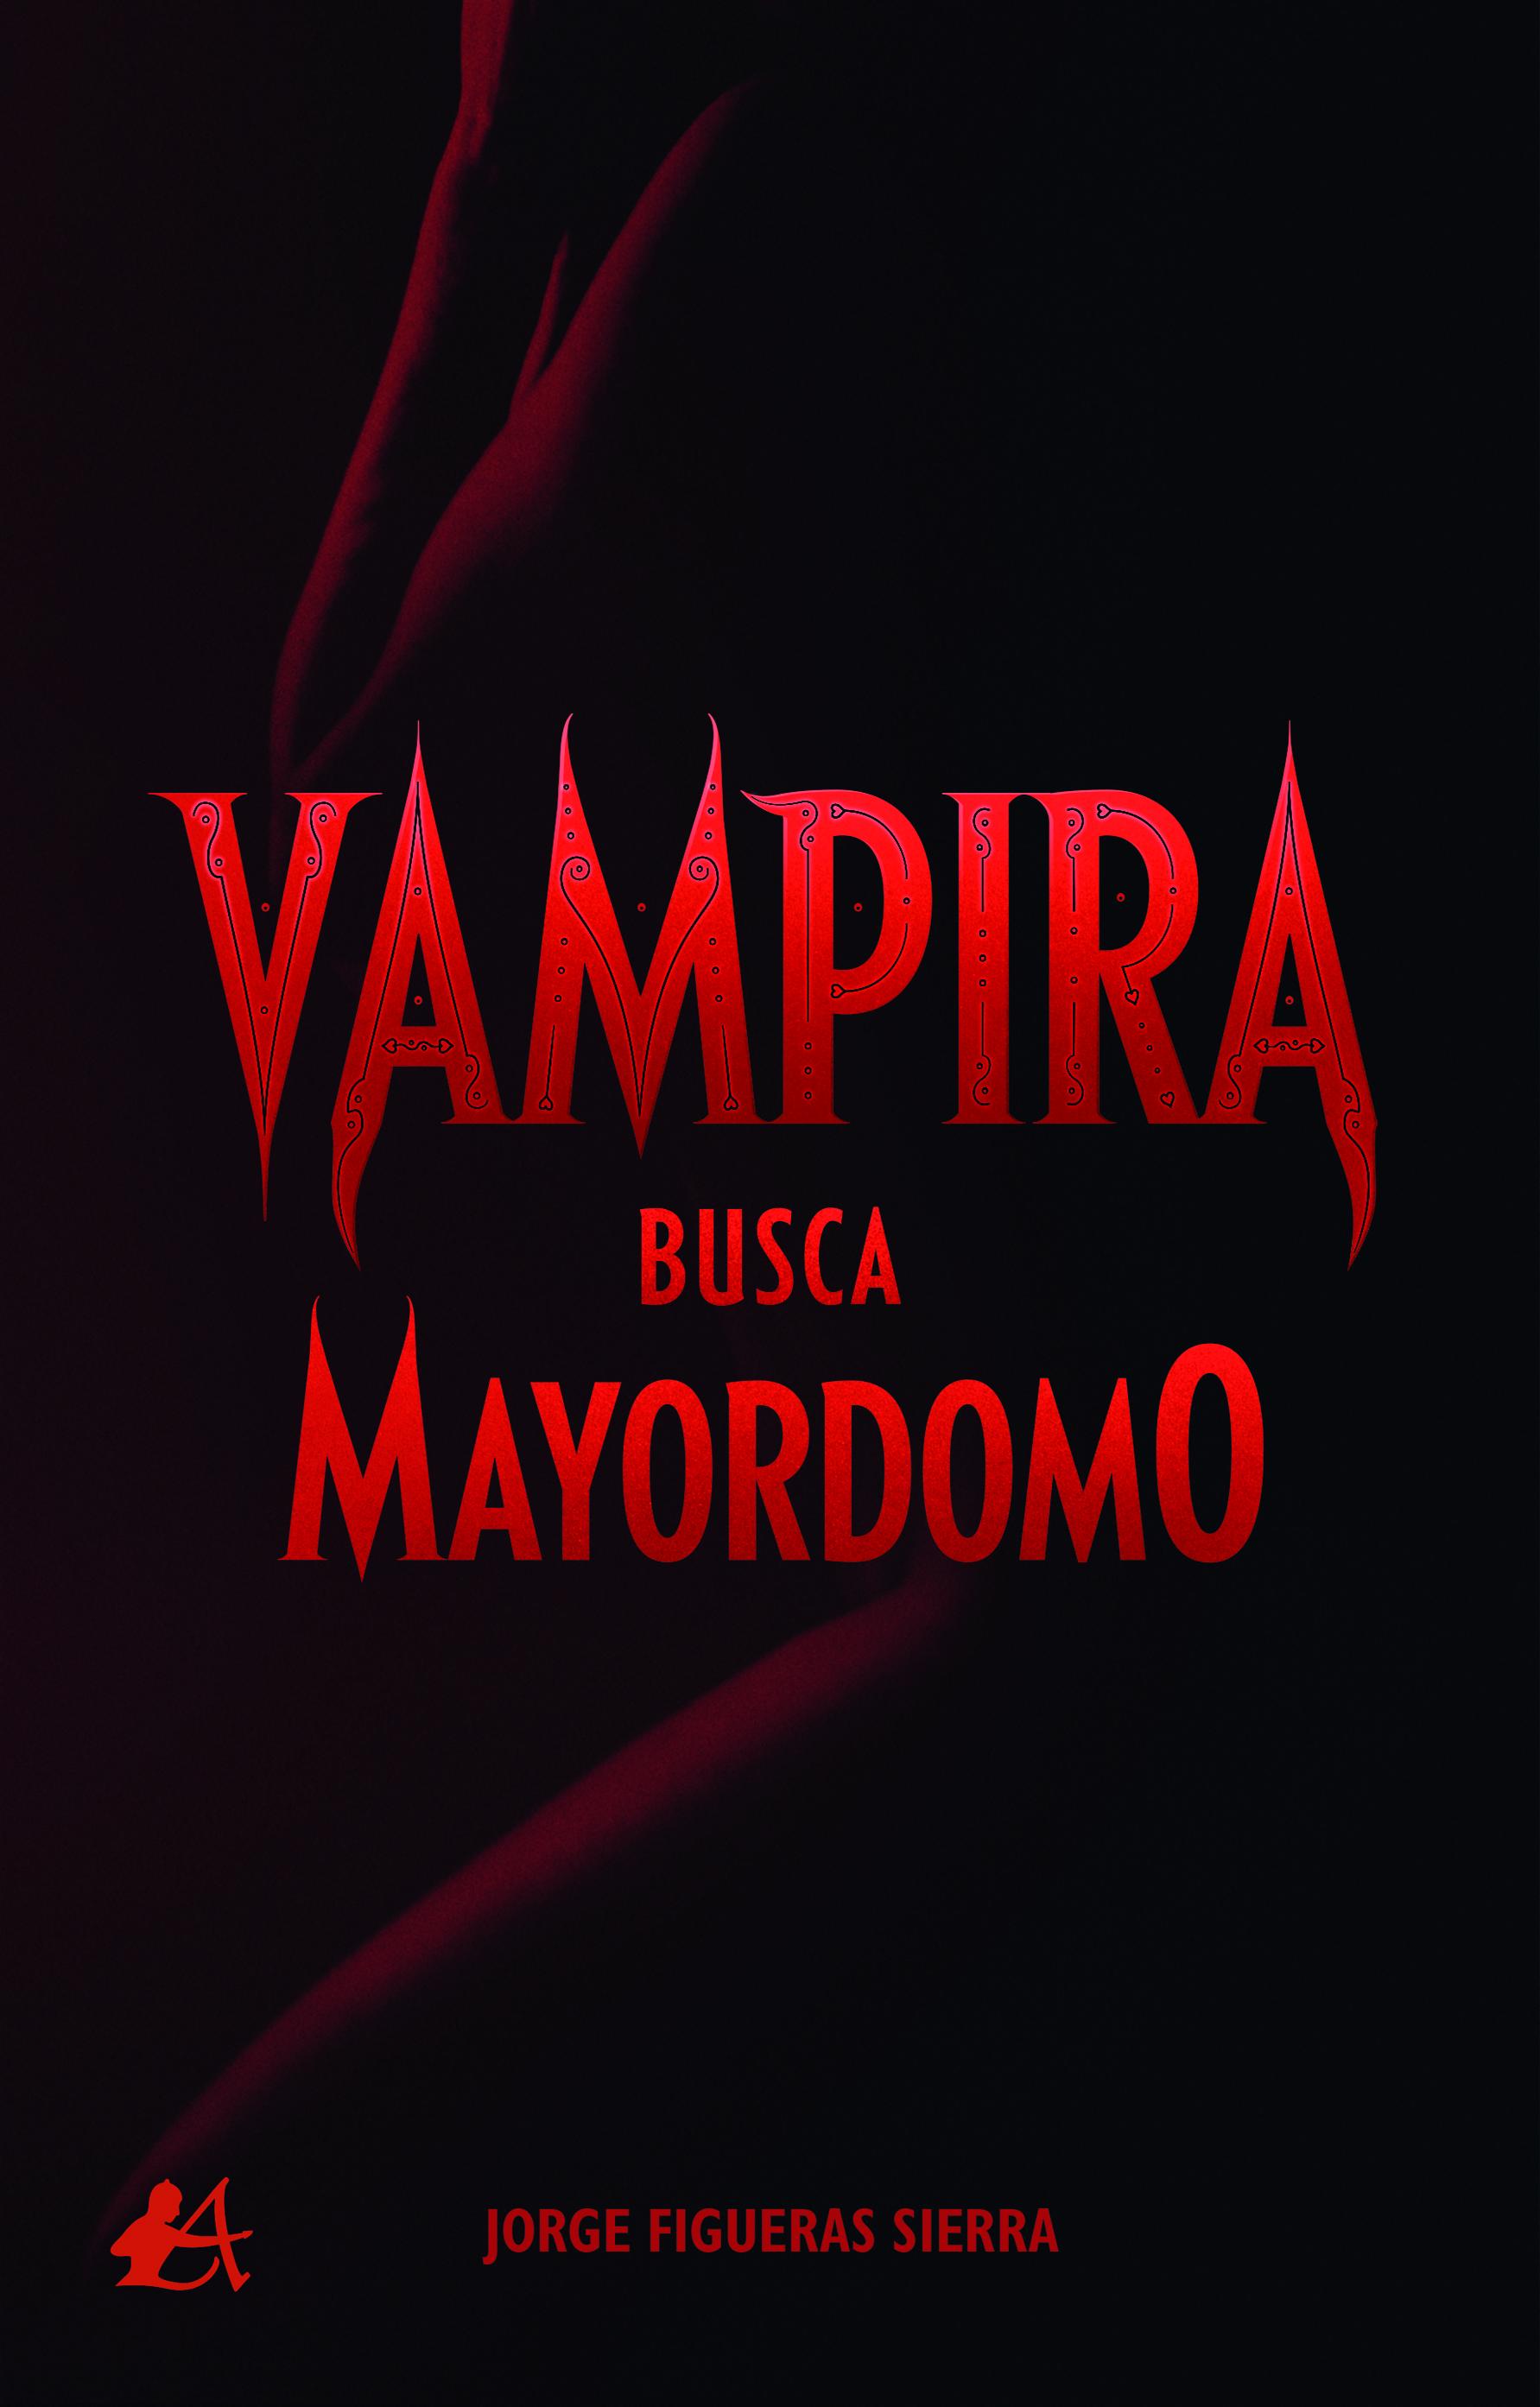 Portada del libro Vampira busca mayordomo de Jorge Figueras Sierra. Editorial Adarve, Publicar un libro